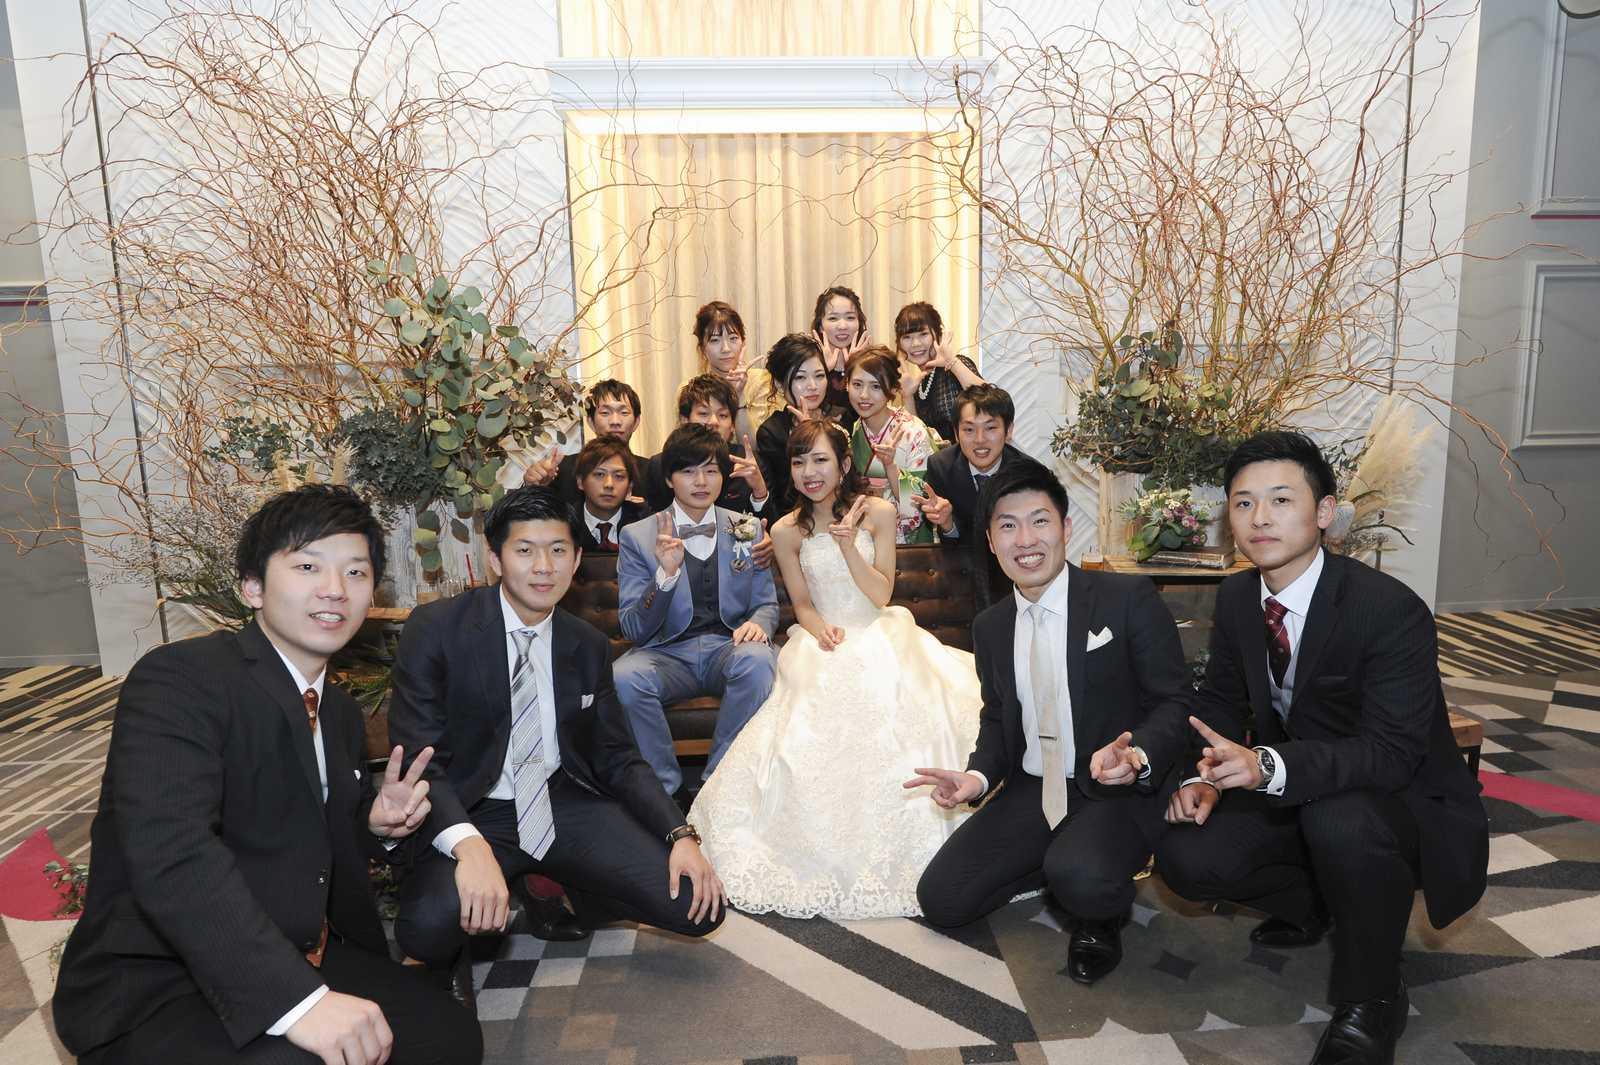 徳島市の結婚式場ブランアンジュのソファー席での記念フォトは大切なウェディングの思い出に